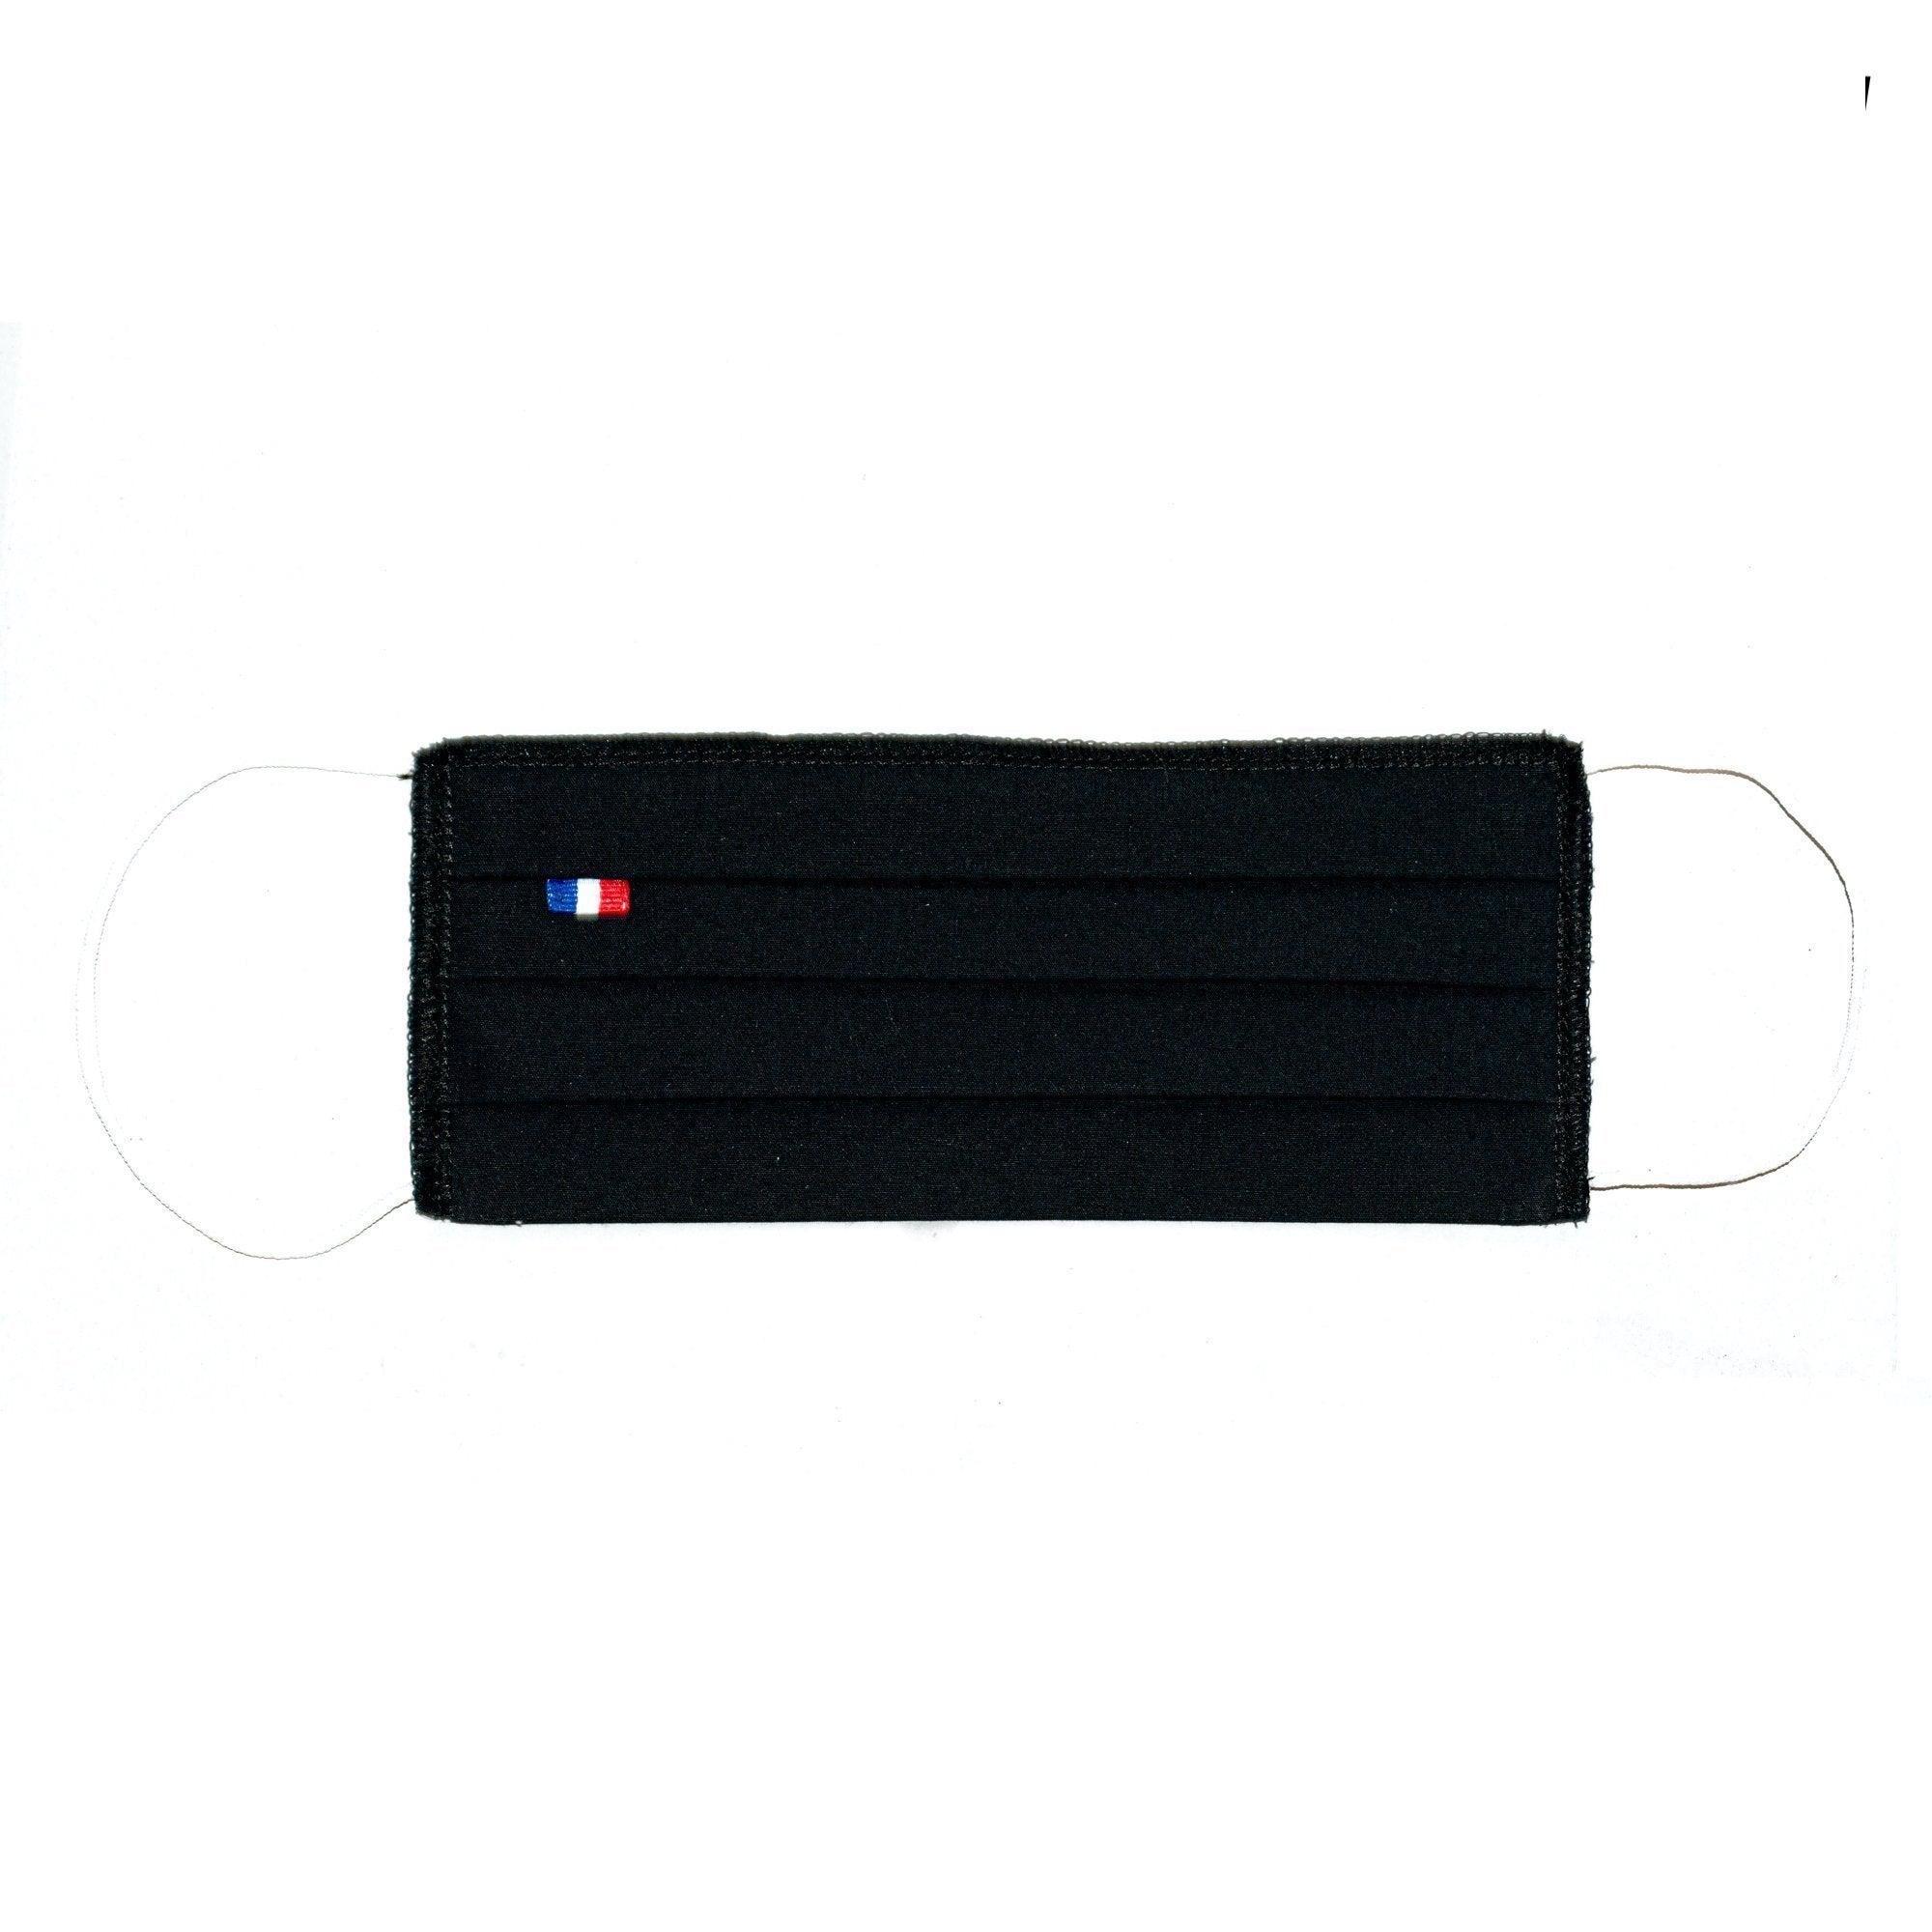 MASQUES DIRECT 5 Masques barrières 3 plis en tissu lavable réutilisable noir - testé 10 lavages